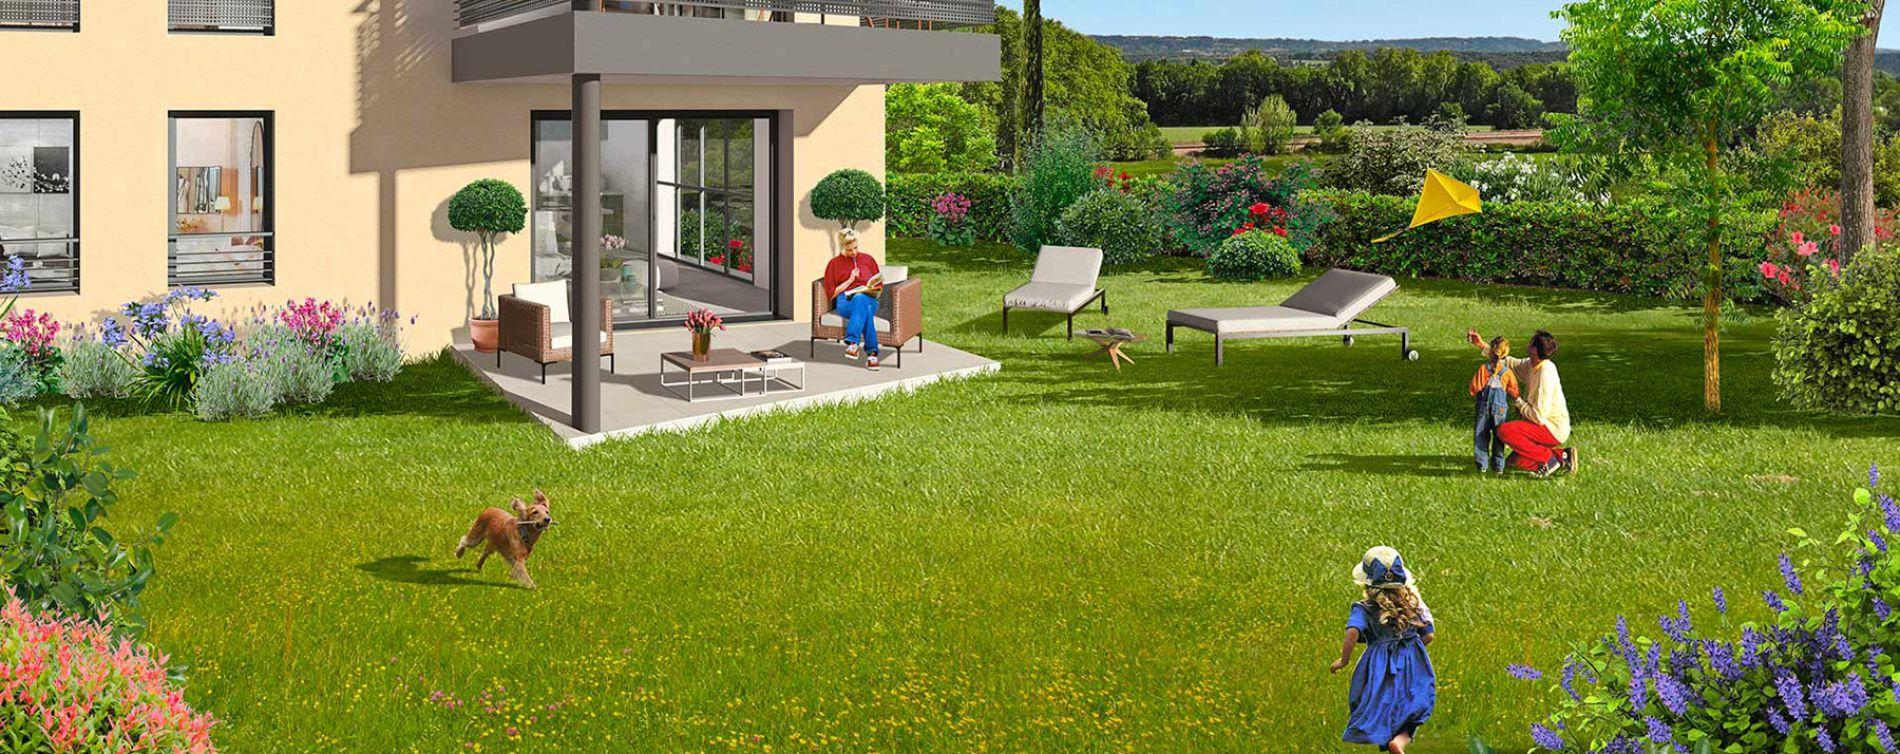 Résidence Néo aIX à Aix-en-Provence